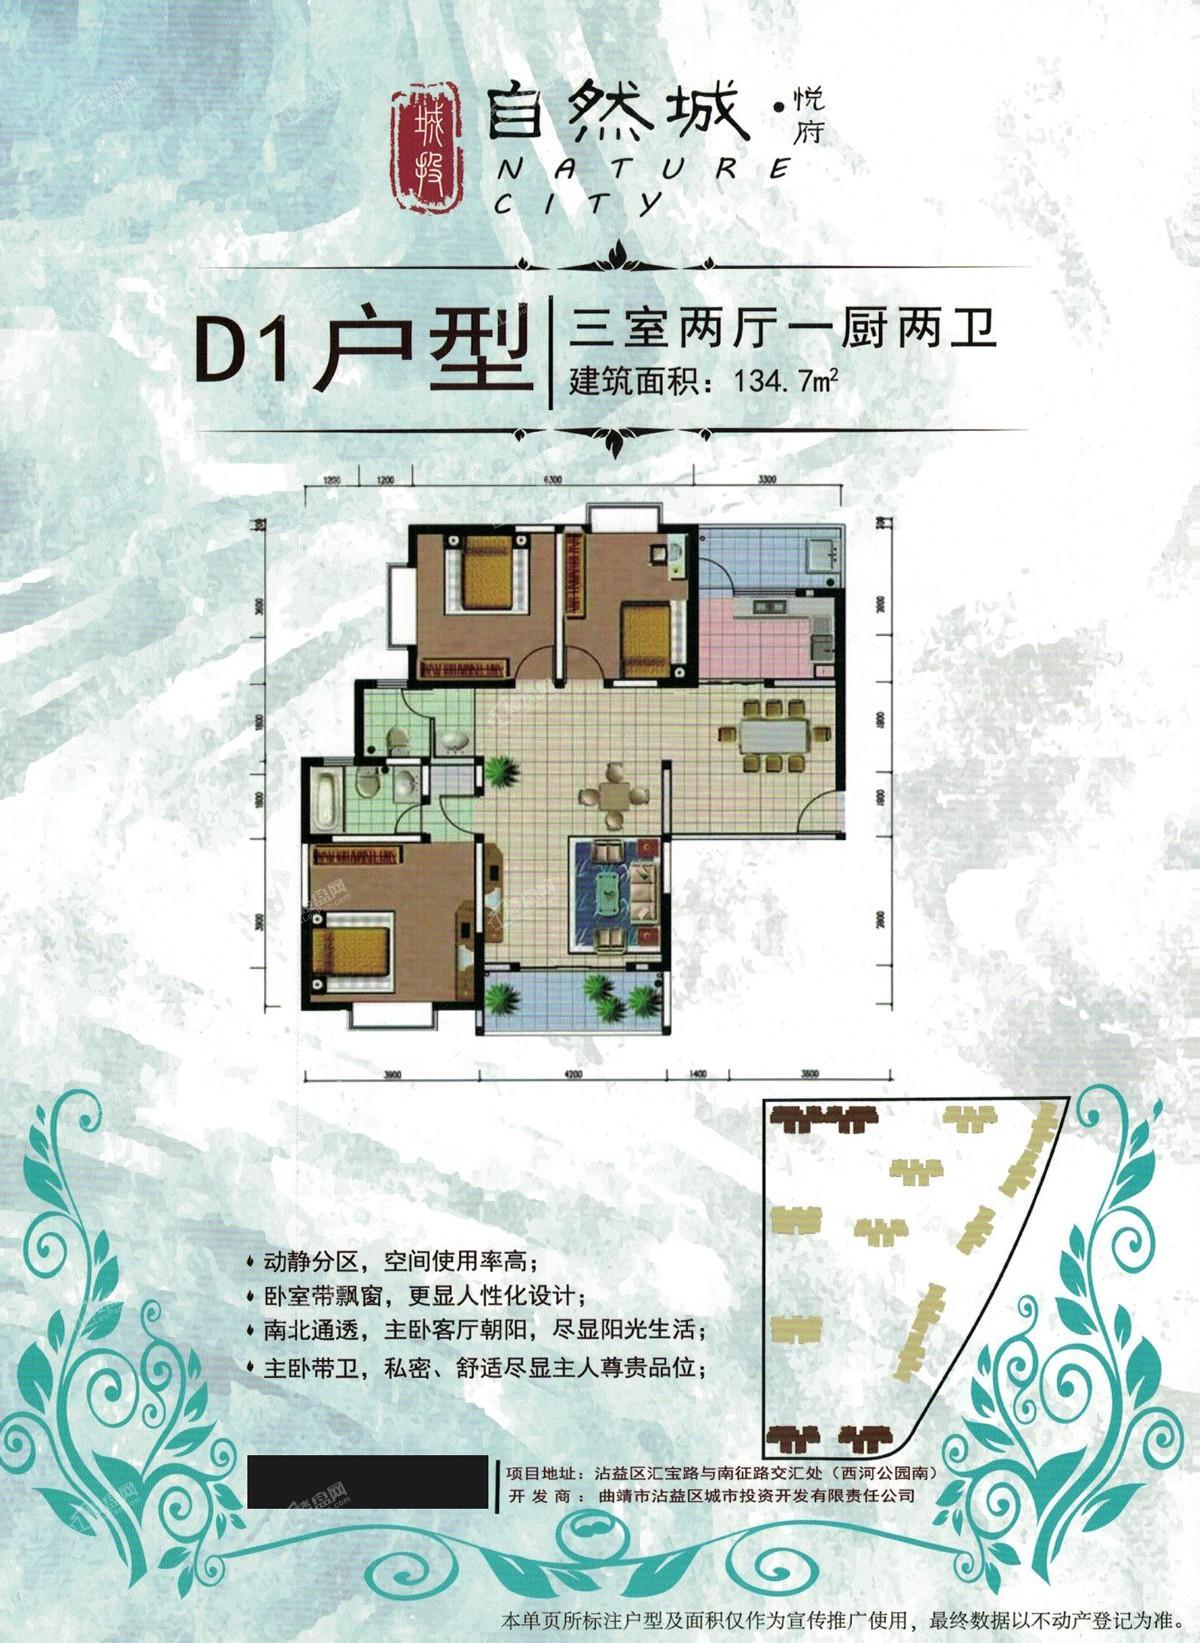 曲靖自然城·悦府户型图5